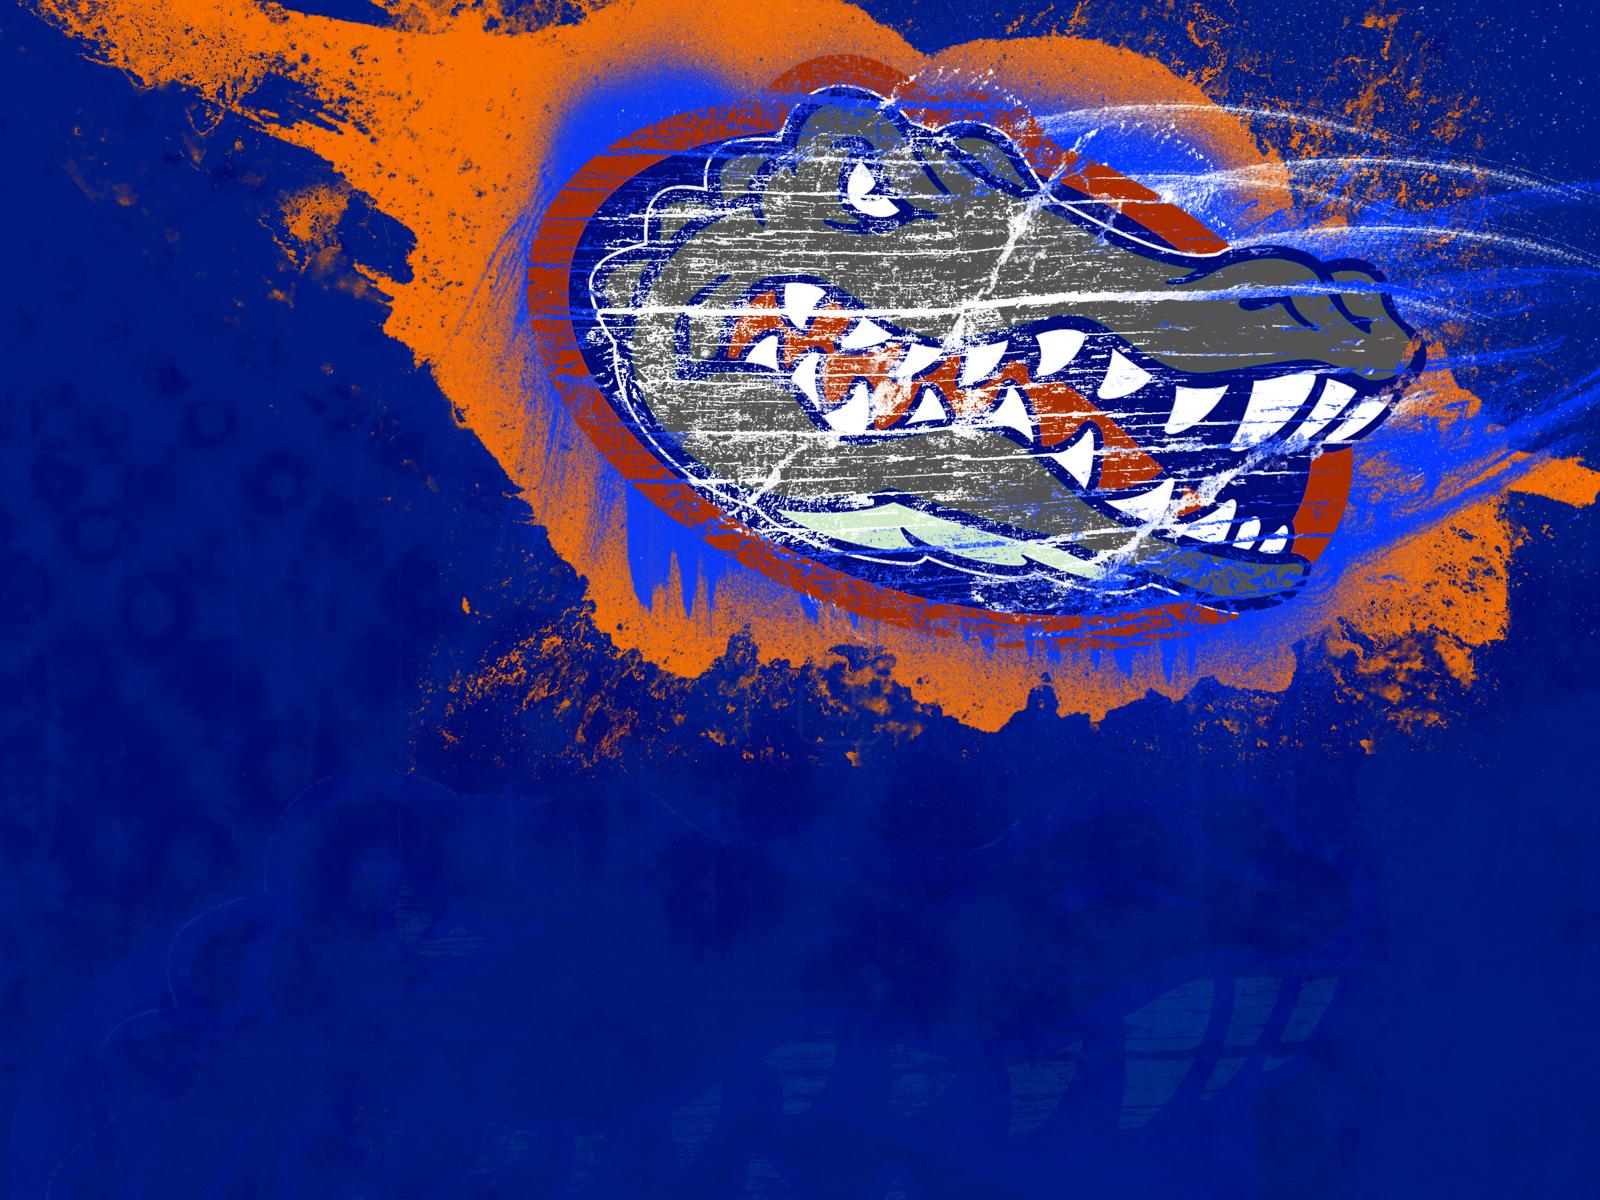 Florida Gators Wallpaper and Screensavers - WallpaperSafari